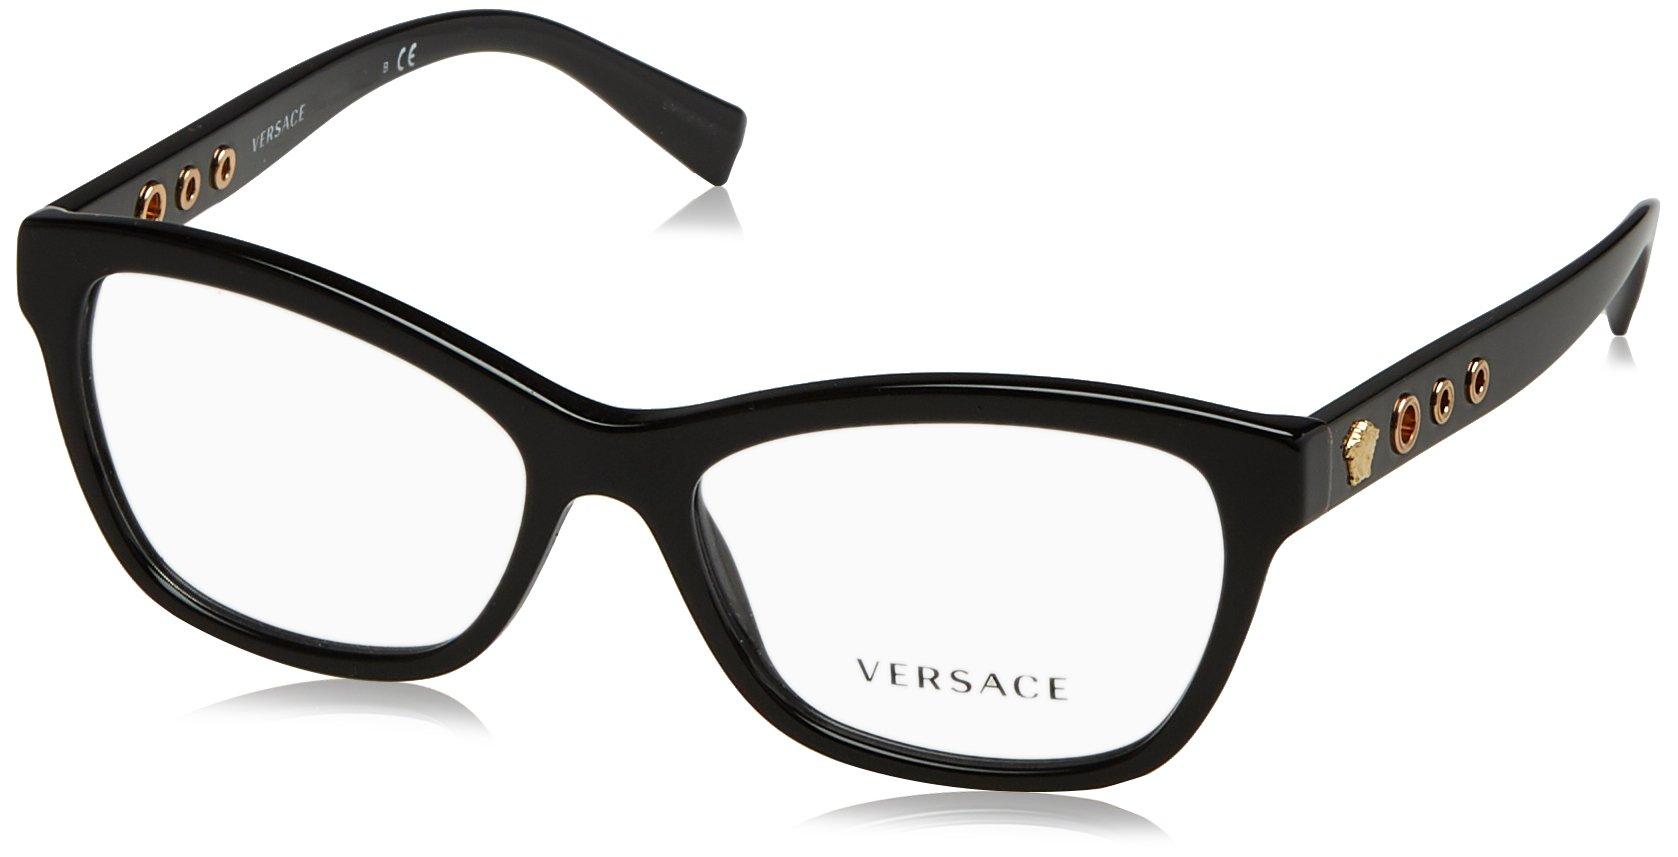 Versace VE3225 Eyeglass Frames GB1-54 - 54mm Lens Diameter Black VE3225-GB1-54 by Versace